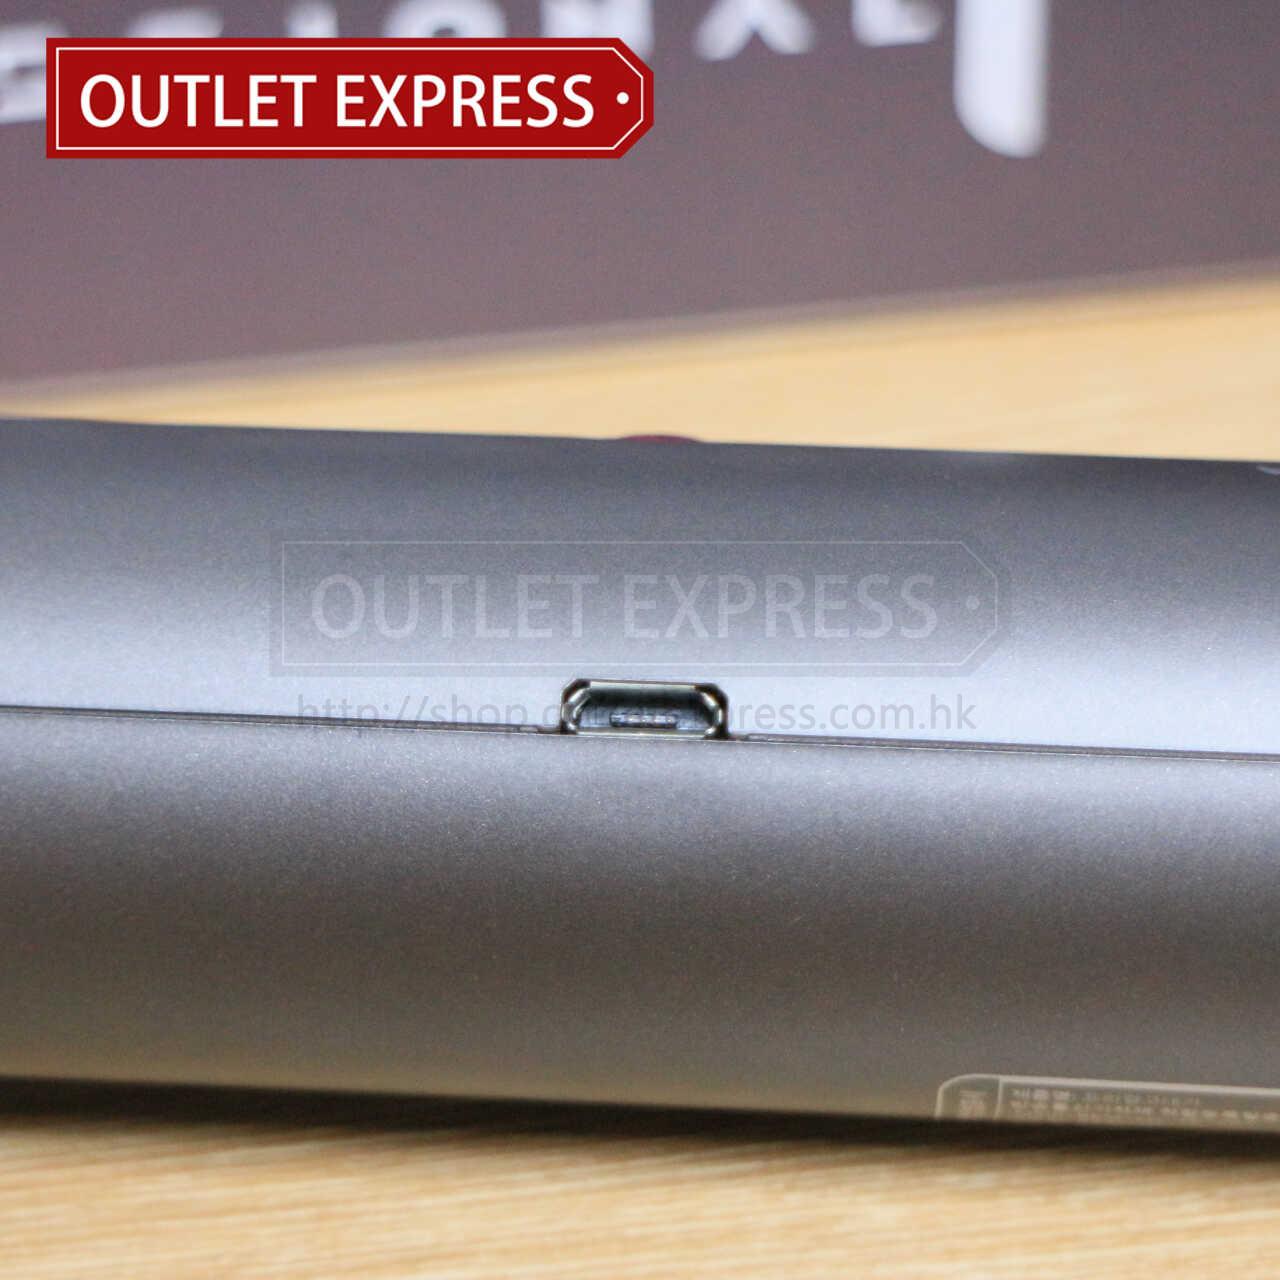 韓國SS Shiny Free curl USB充電無線捲髮器 充電口 - Outlet Express HK生活百貨城實拍相片